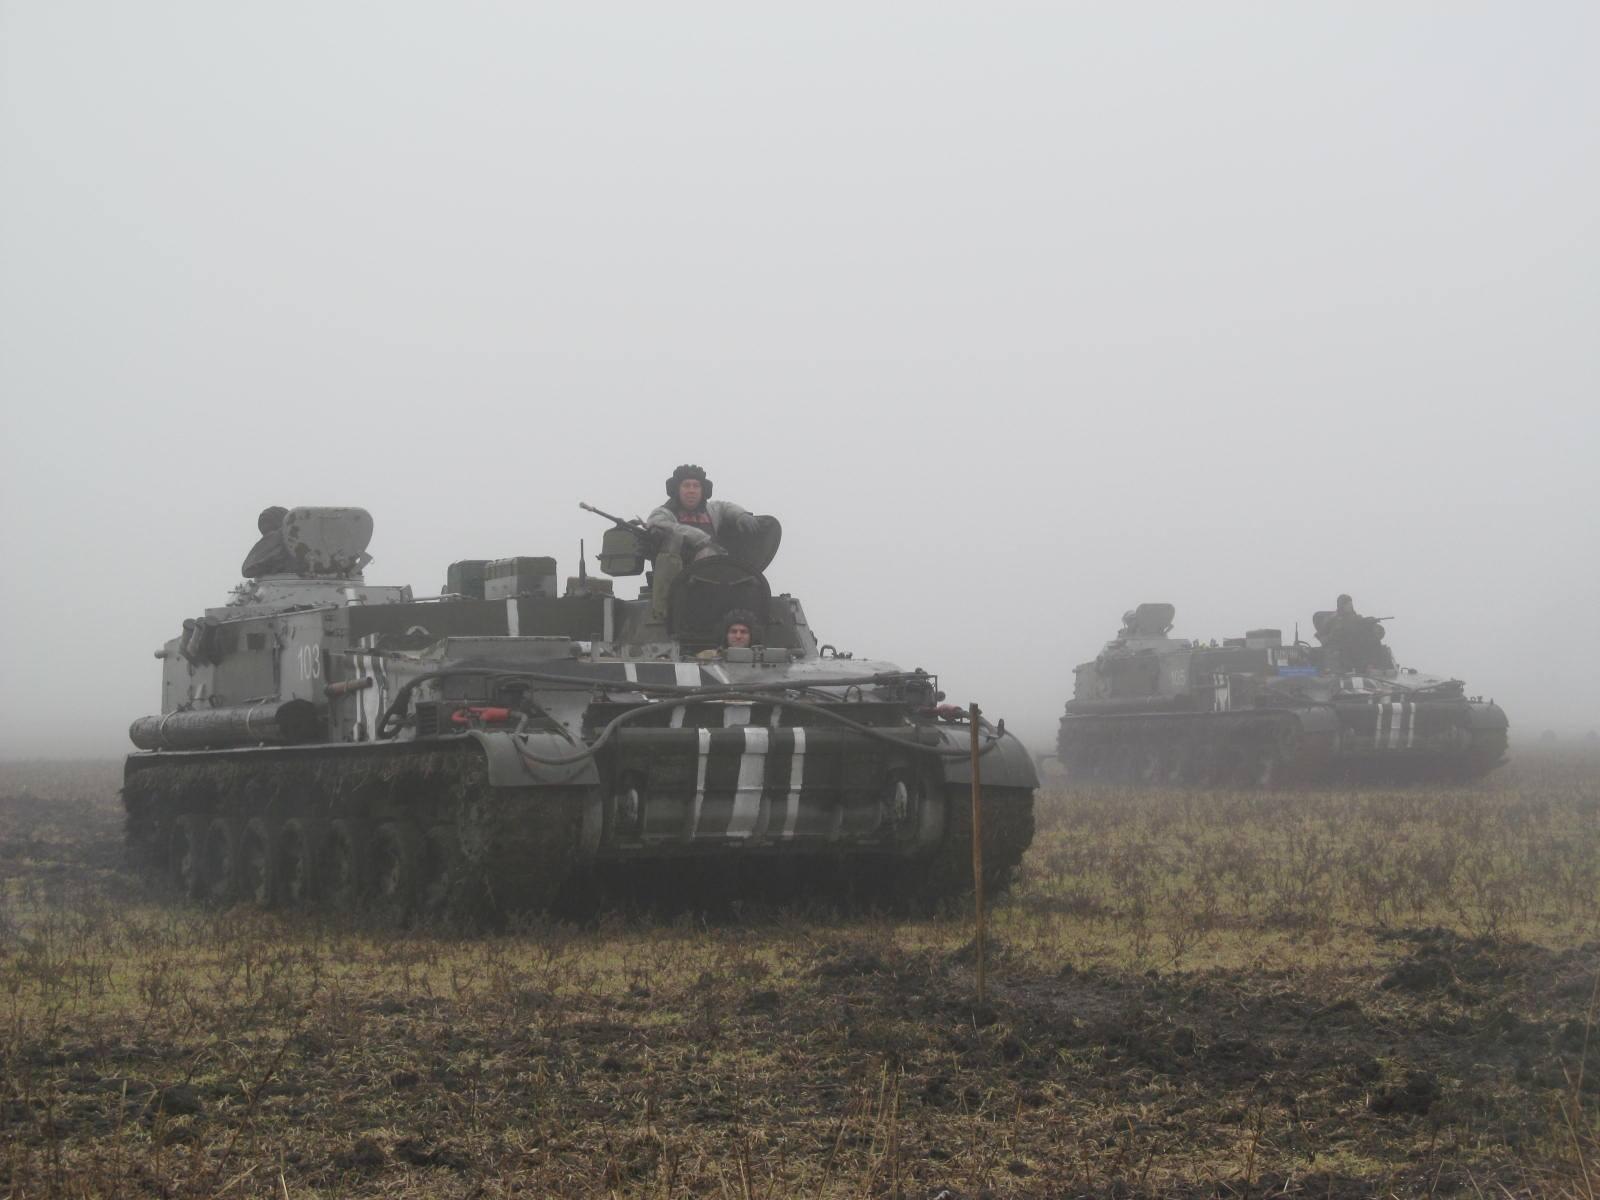 Боевики продолжили обстрелы, но ослабили наступление, - ИС